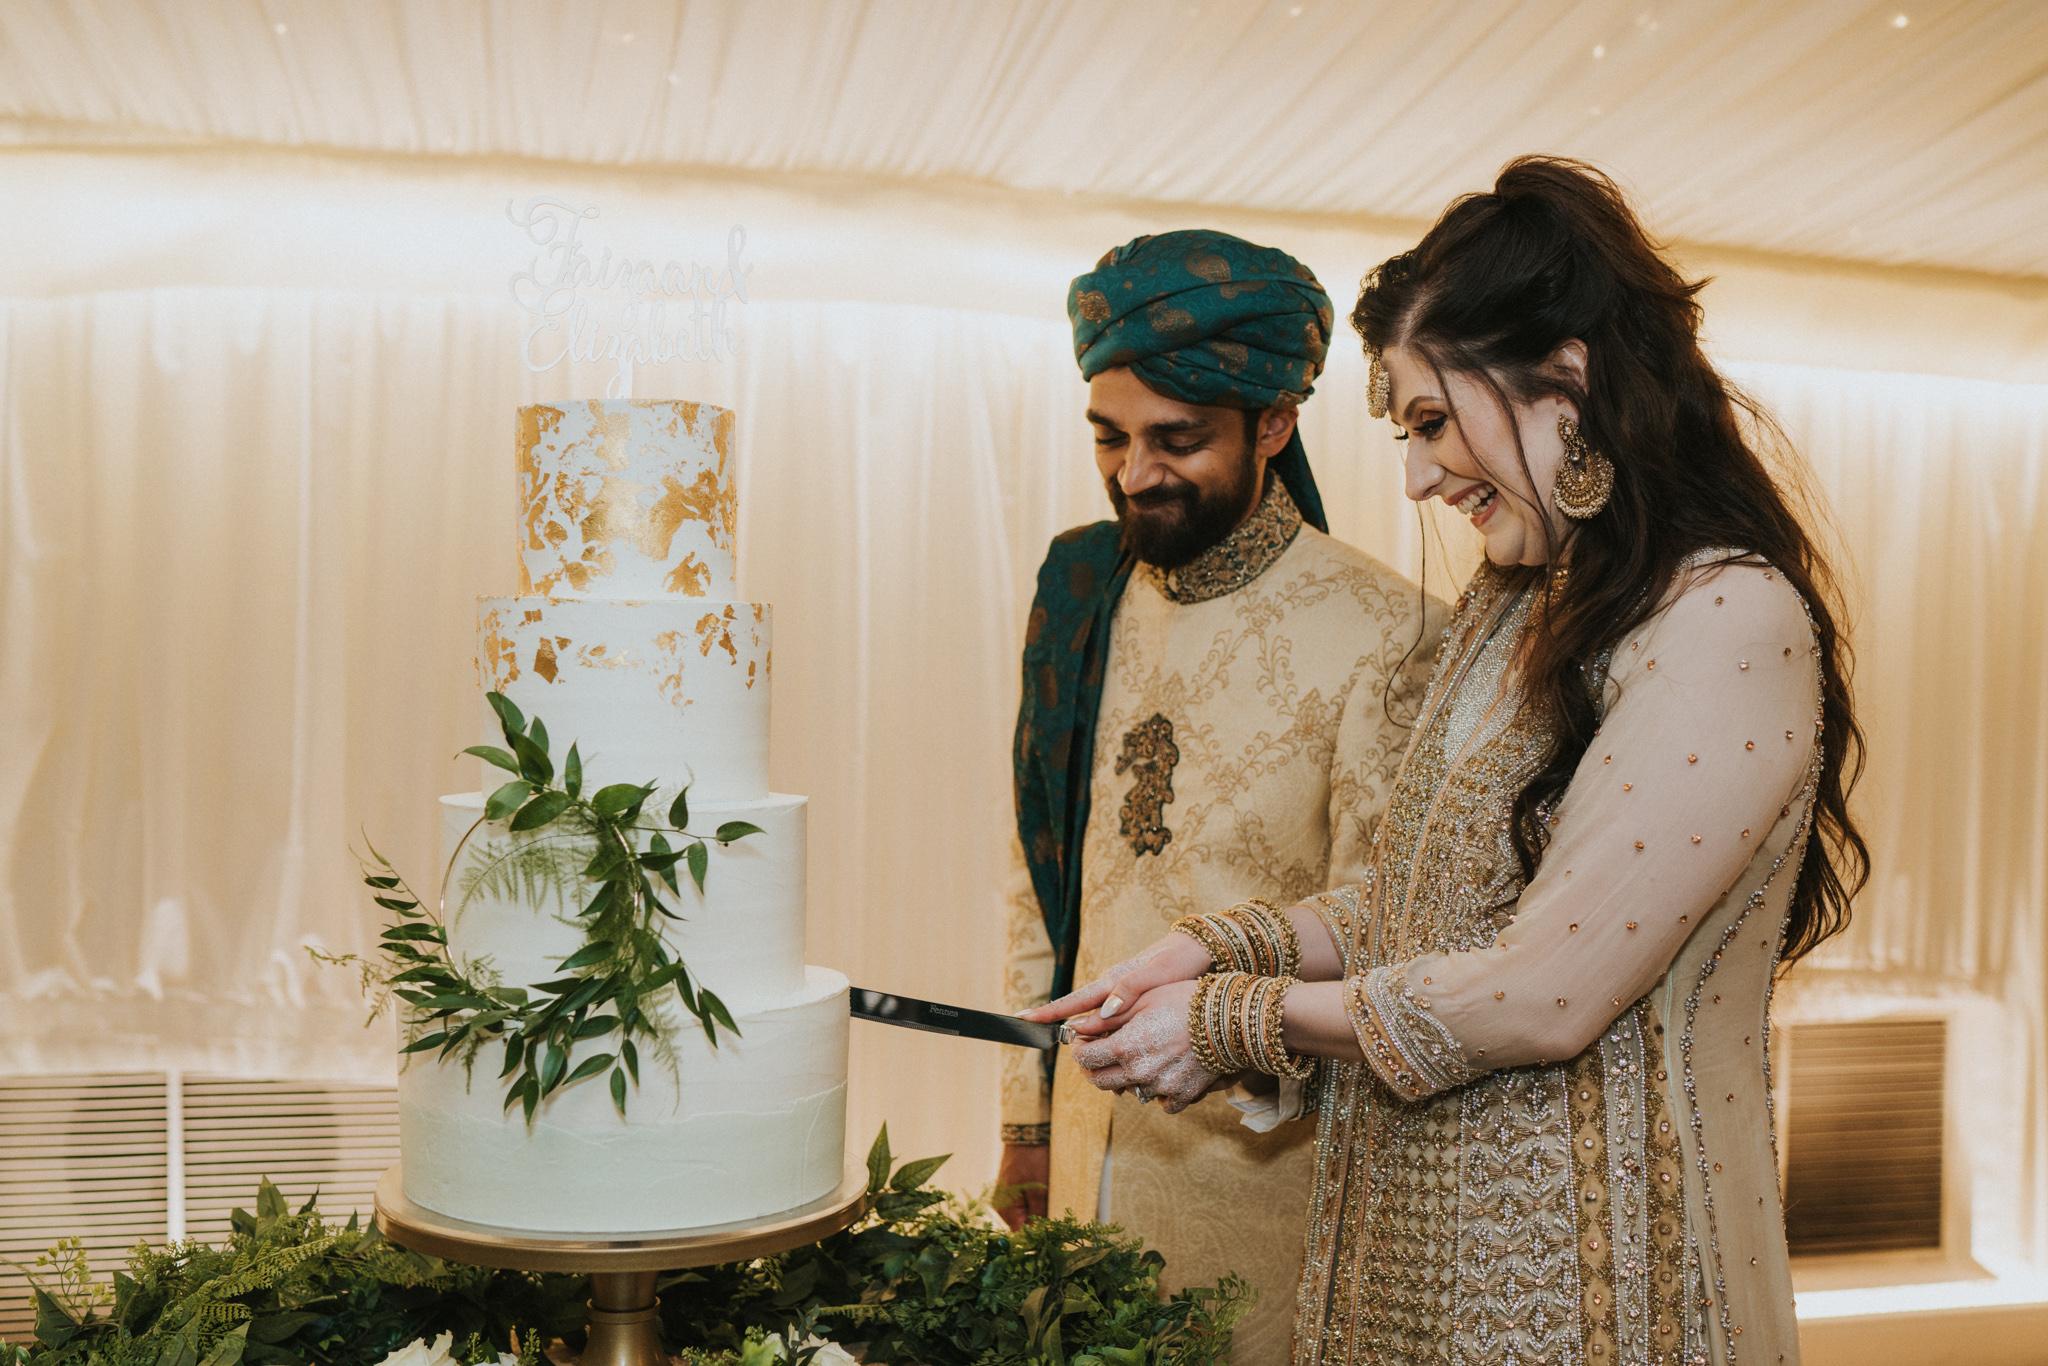 lizzie-faz-fennes-asian-fusion-wedding-grace-elizabeth-colchester-essex-alternative-wedding-lifestyle-photographer-essex-suffolk-norfolk-devon (55 of 55).jpg